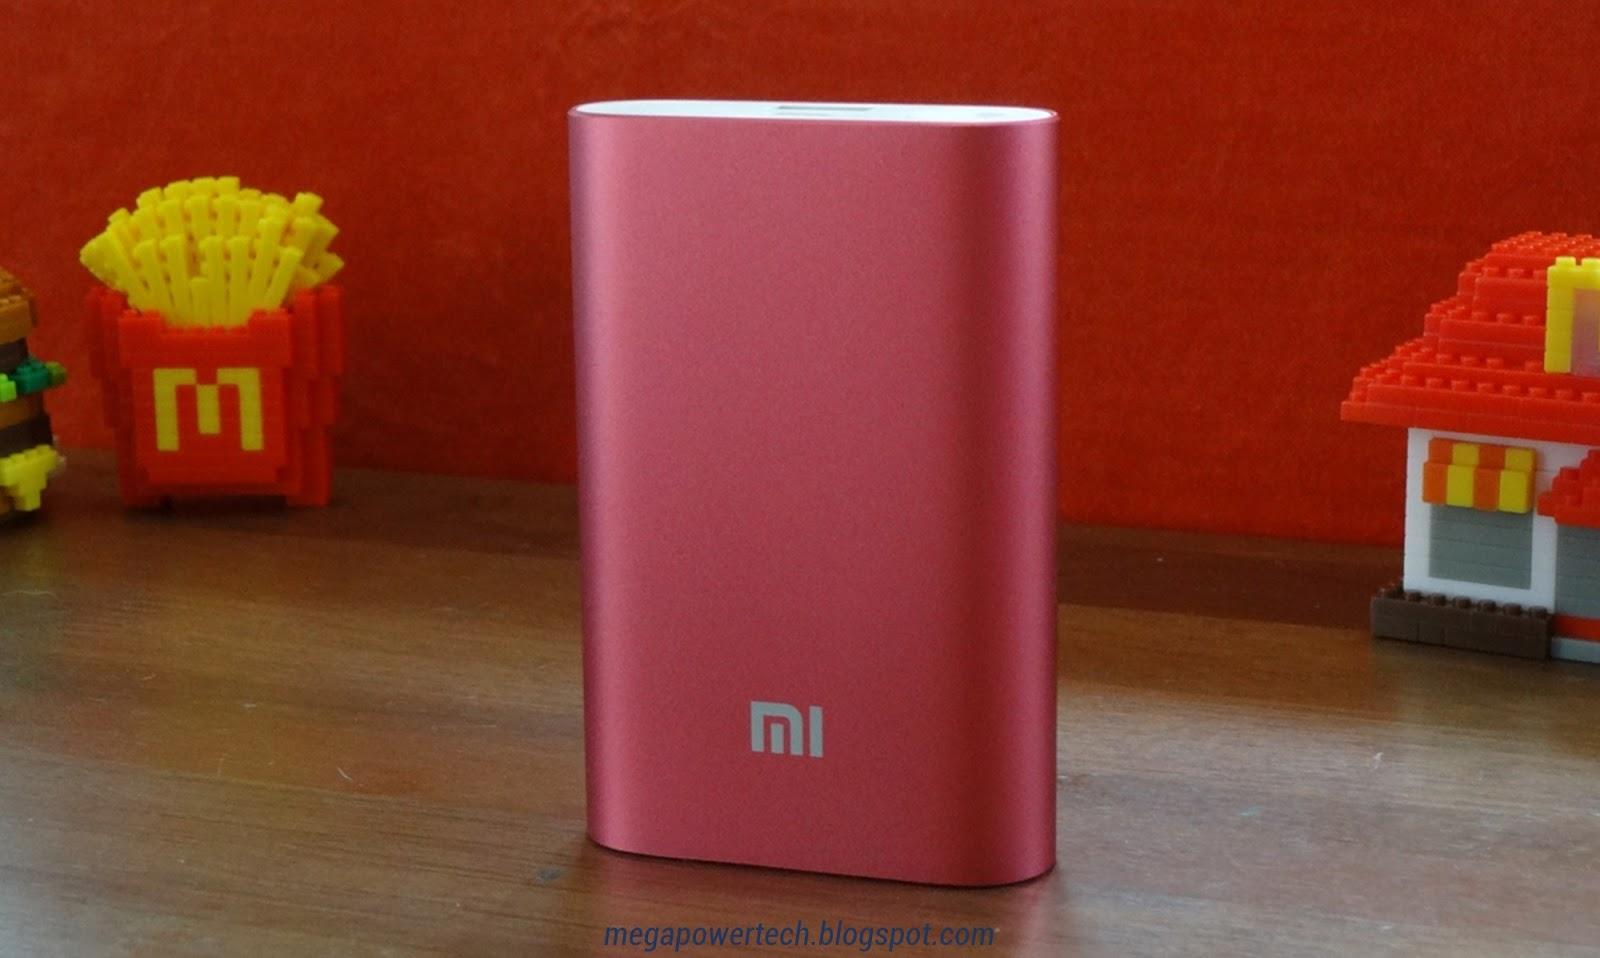 xiaomi-mi-power-bank-10000-mah-red